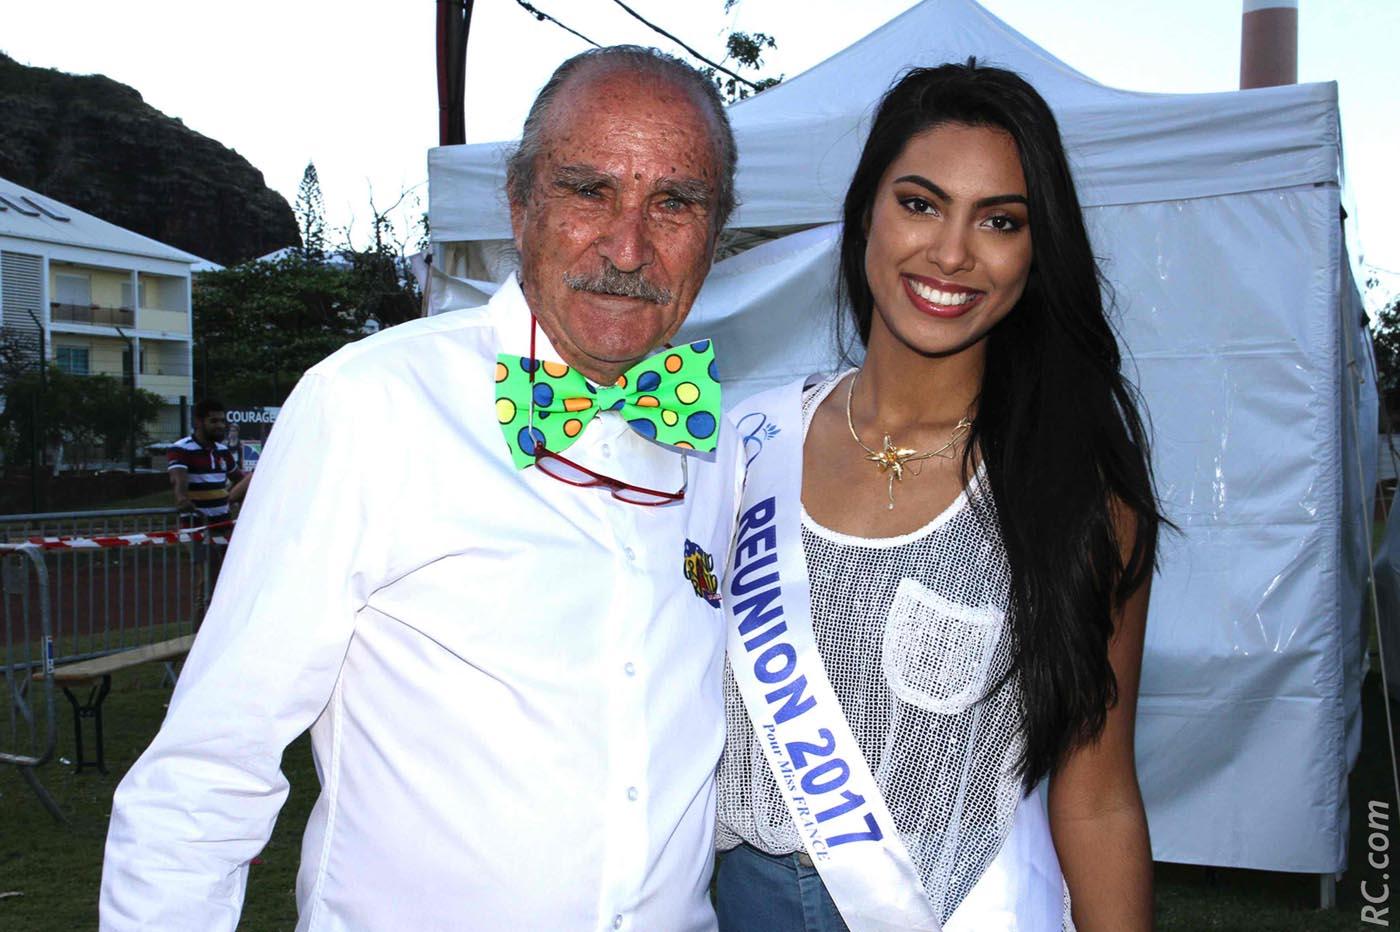 Robert Chicaud, le préssident de l'association Grand Raid, et la cravate de circonstance pour le 25ème anniversaire de l'épreuve, avec Miss Réunion